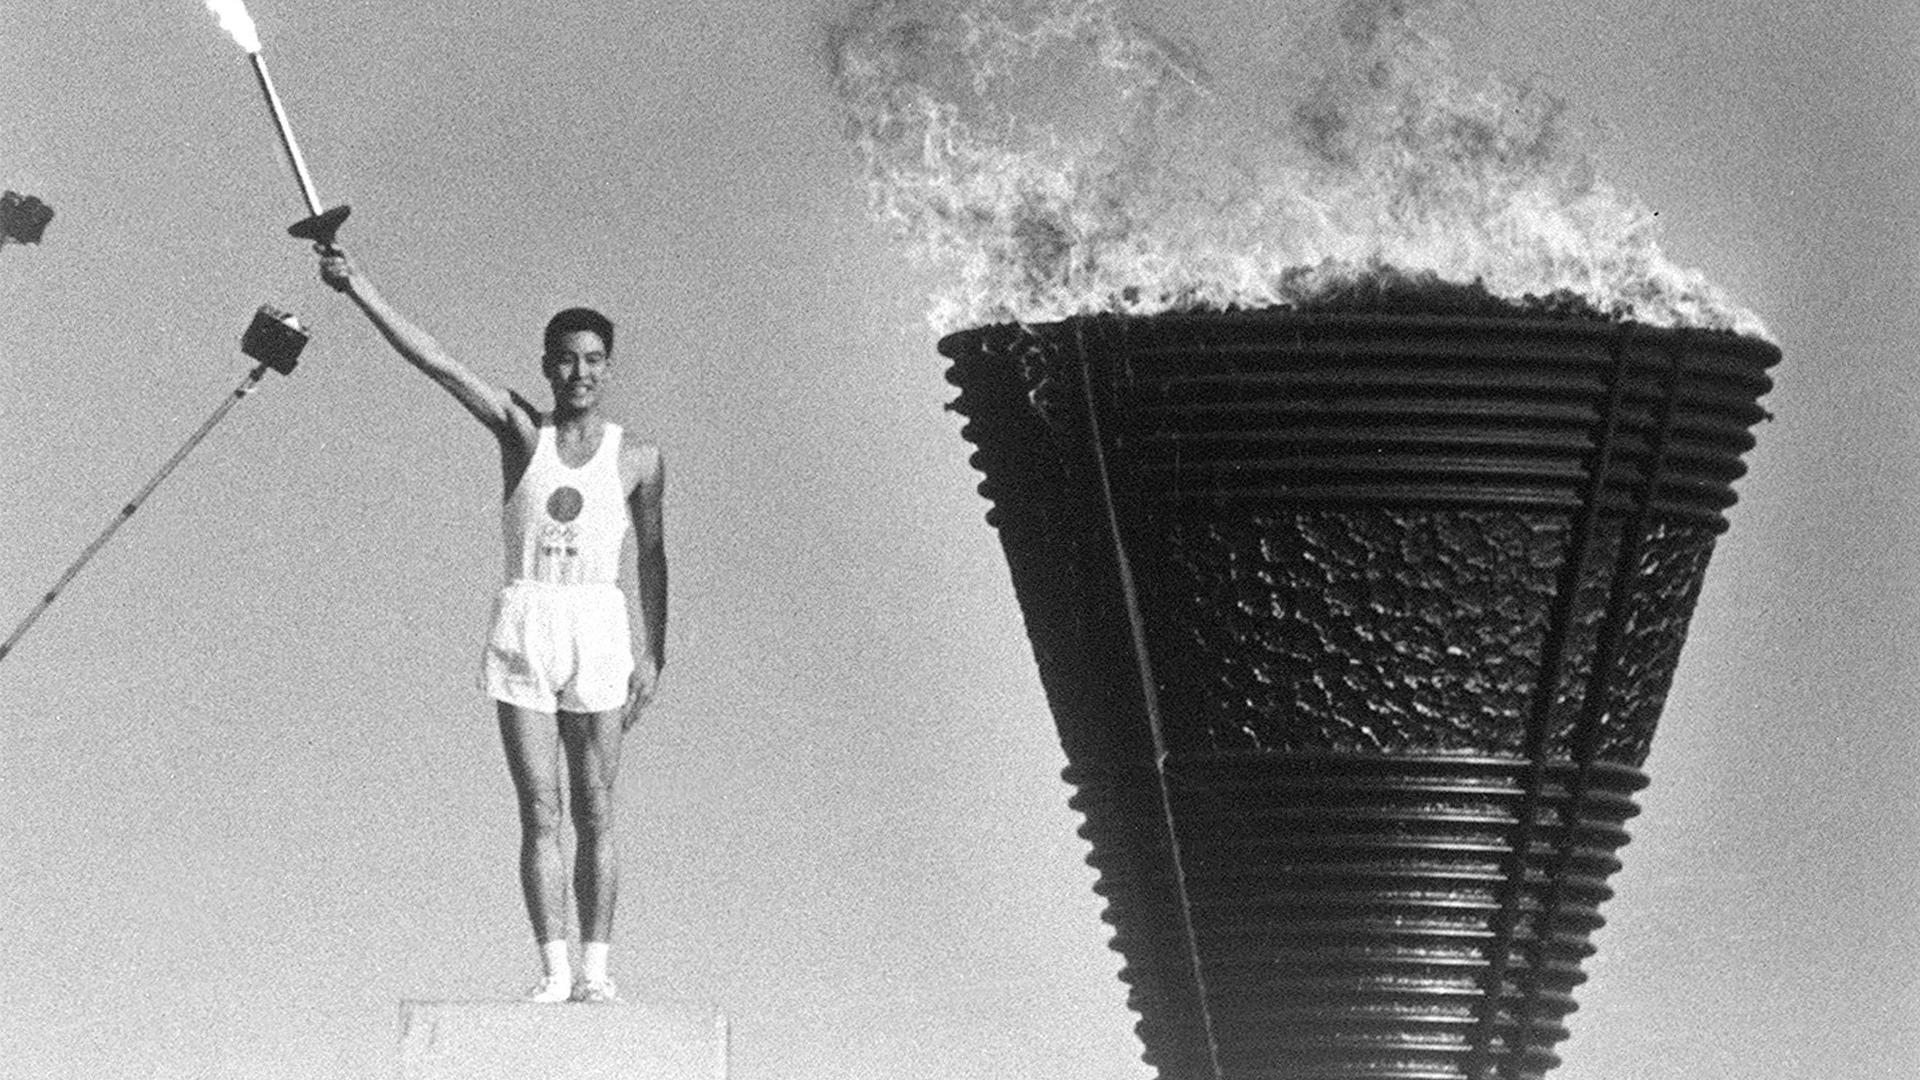 Как Олимпиада 1964 года помогла Японии восстановить экономику и репутацию